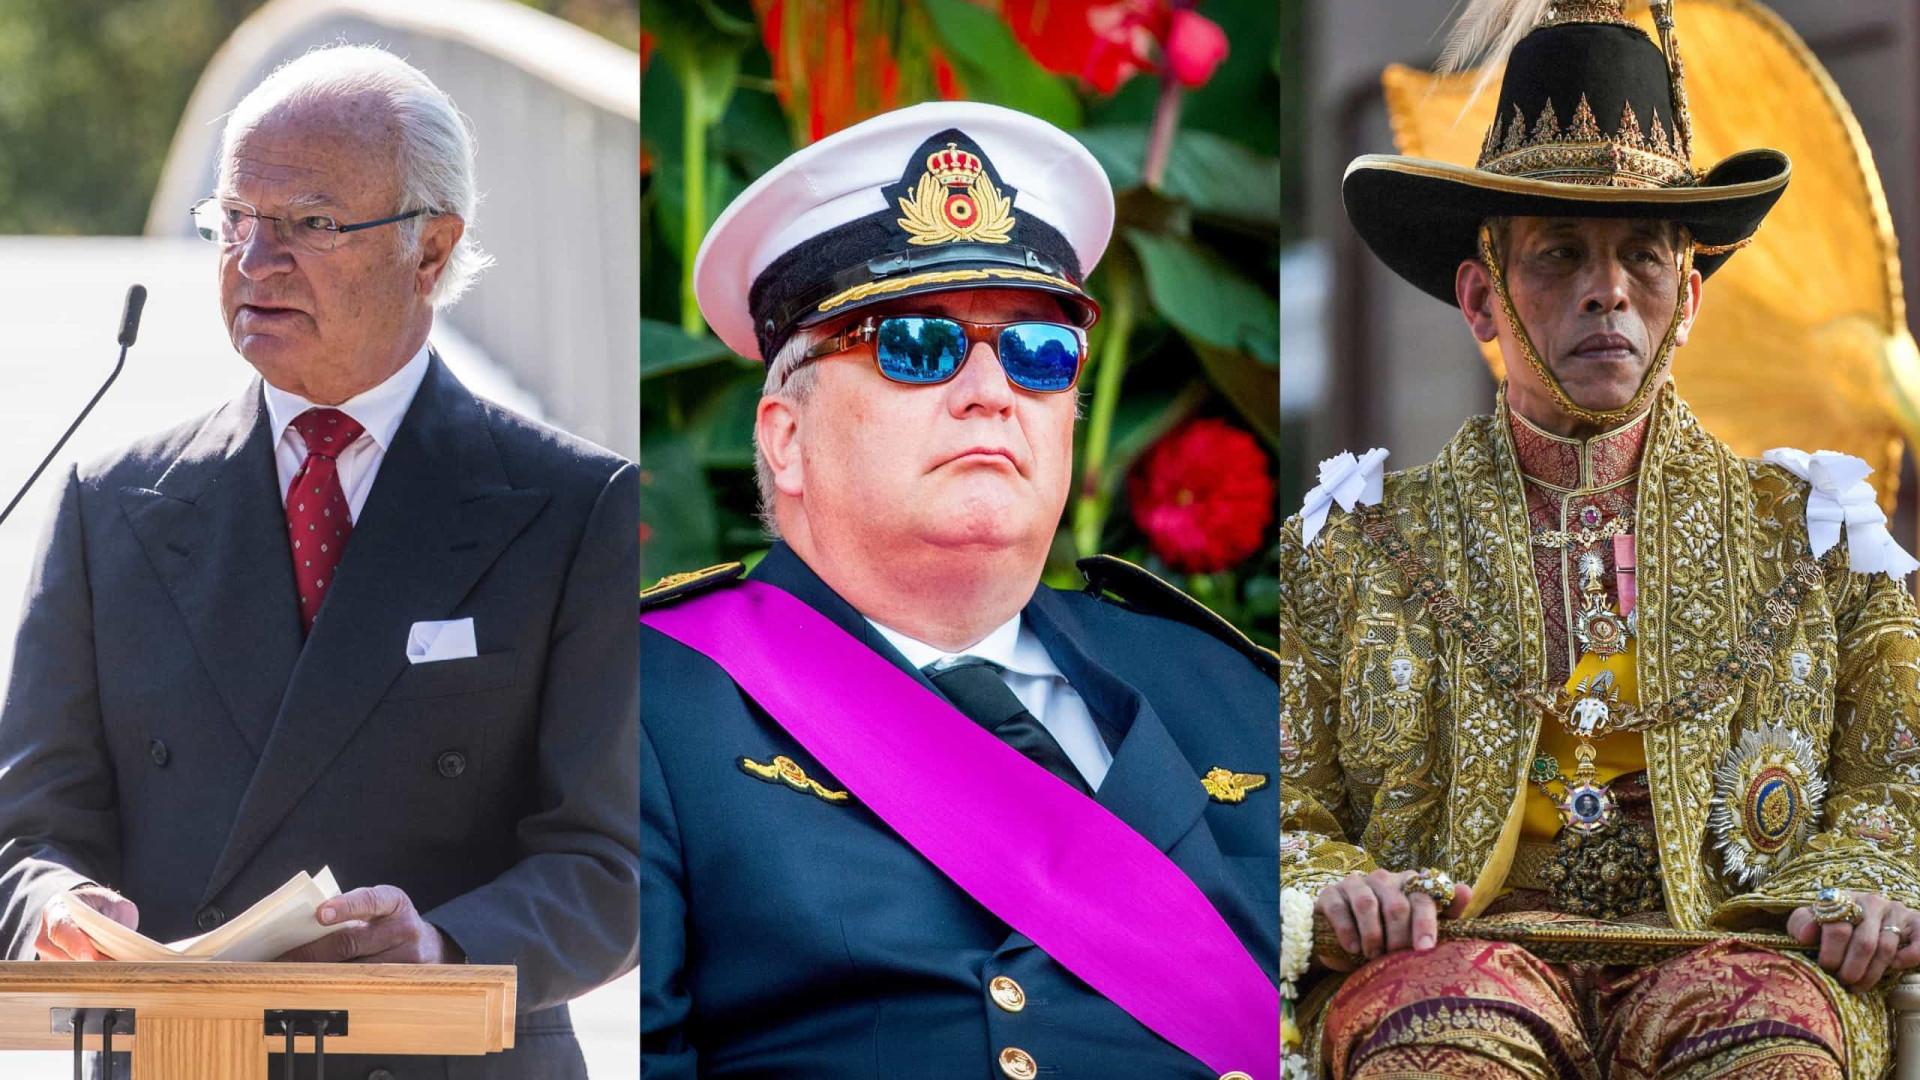 Os maiores escândalos do mundo da realeza